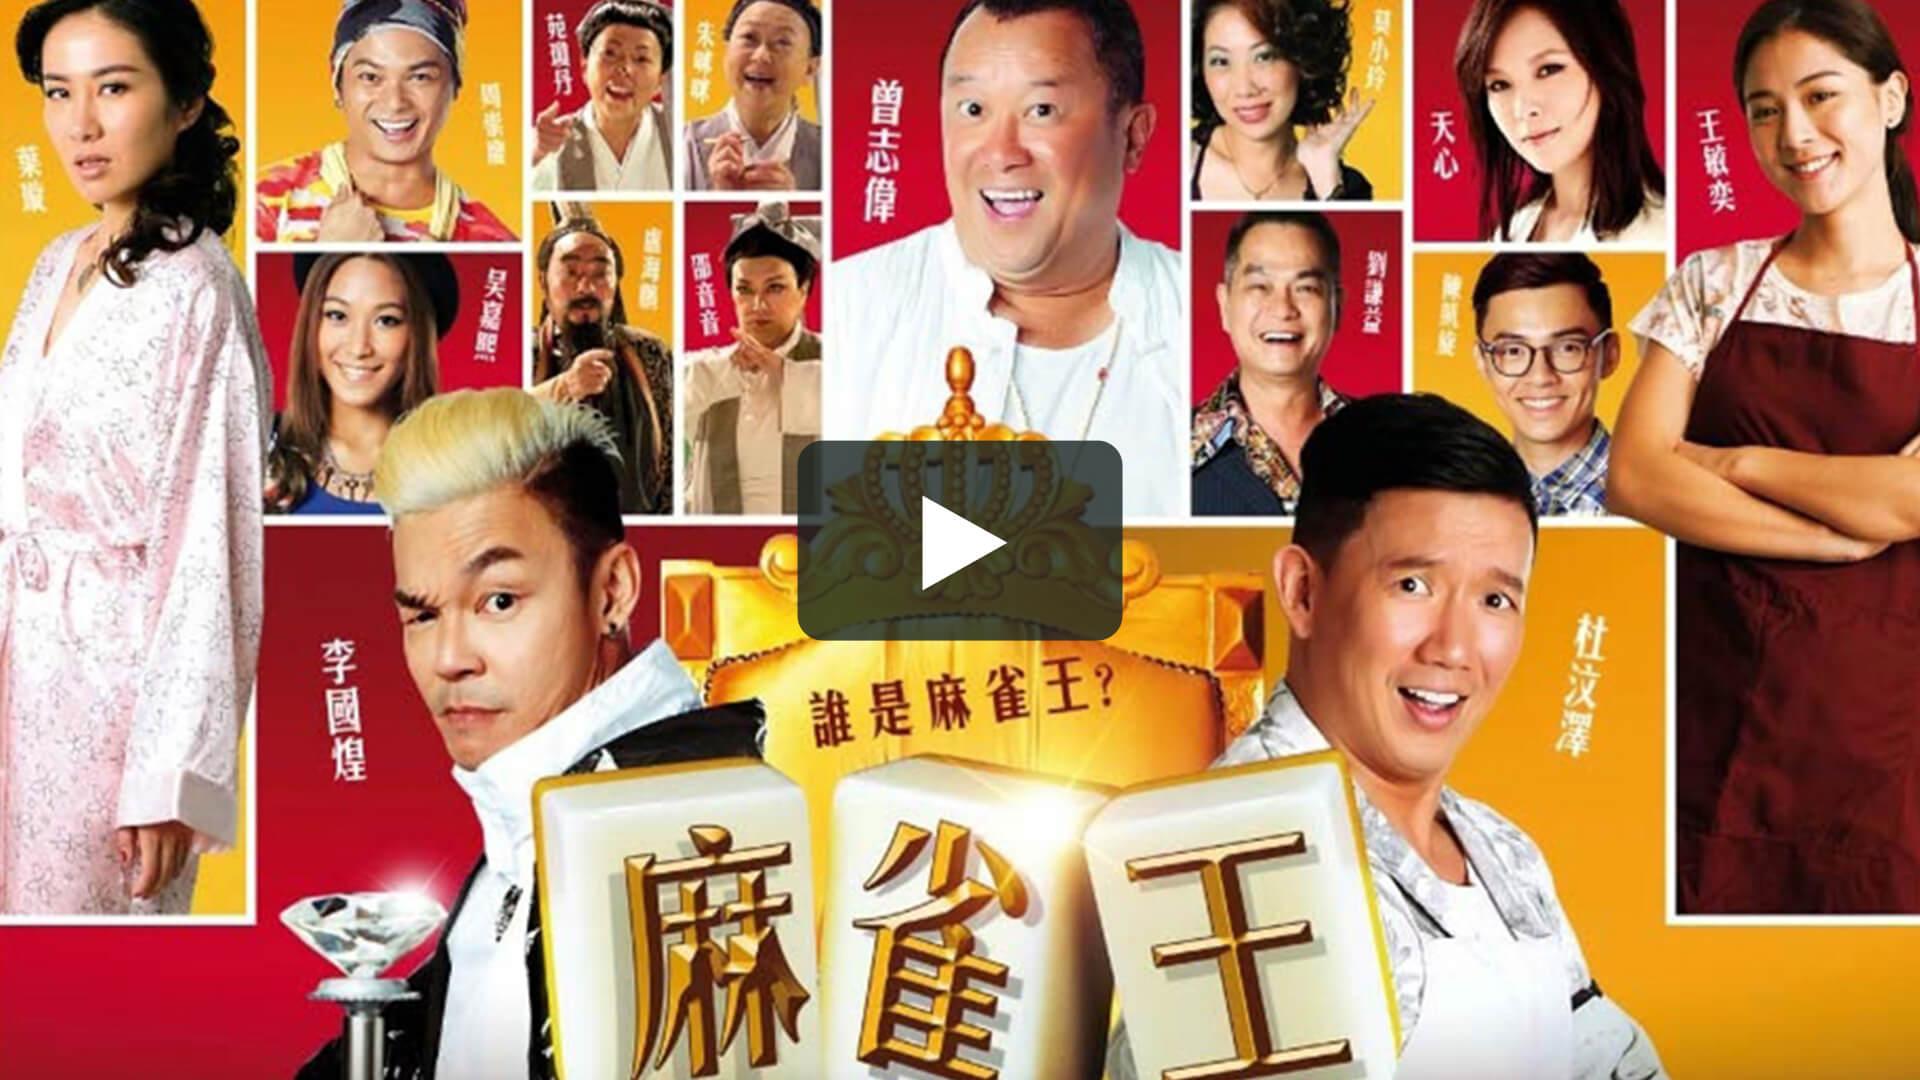 麻雀王 - King of Mahjong